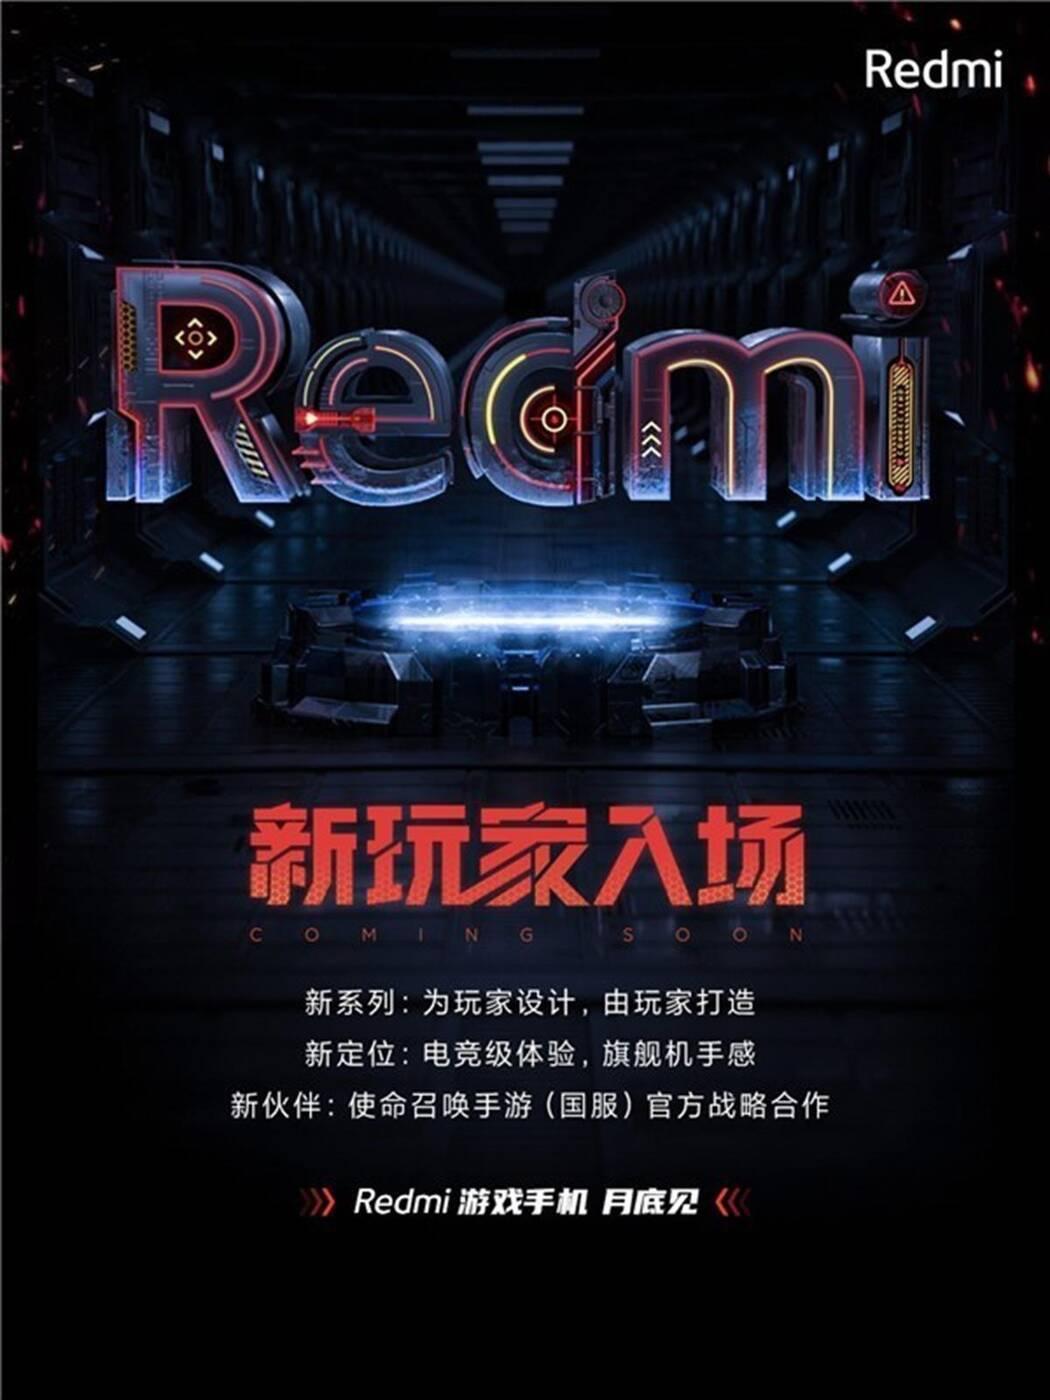 gamingowy smartfon Redmi